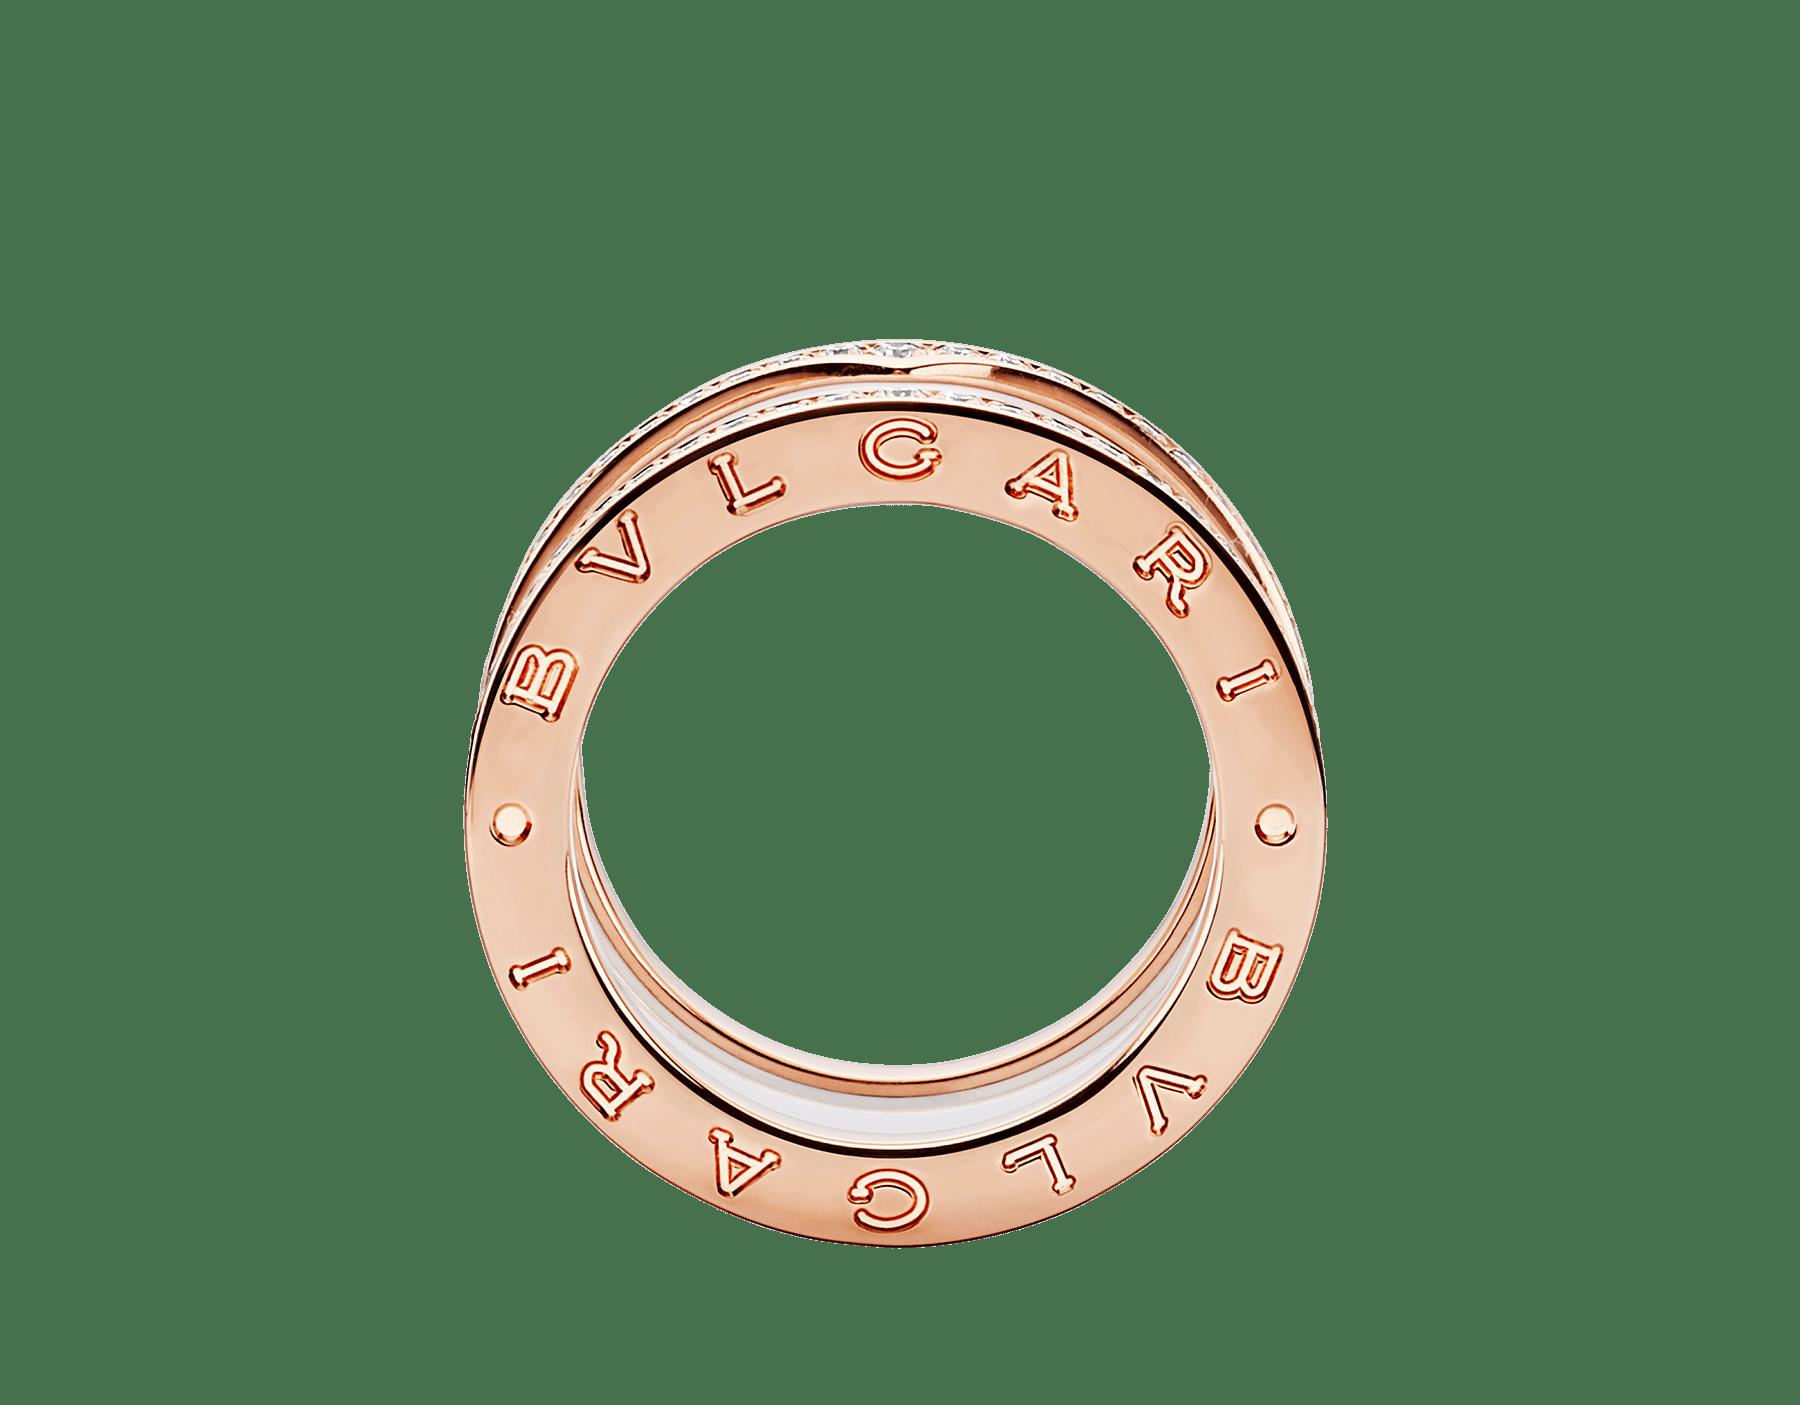 Anillo B.zero1 de cuatro bandas con dos aros en oro rosa de 18 qt con pavé de diamantes en los bordes y una espiral de cerámica blanca. B-zero1-4-bands-AN857030 image 2